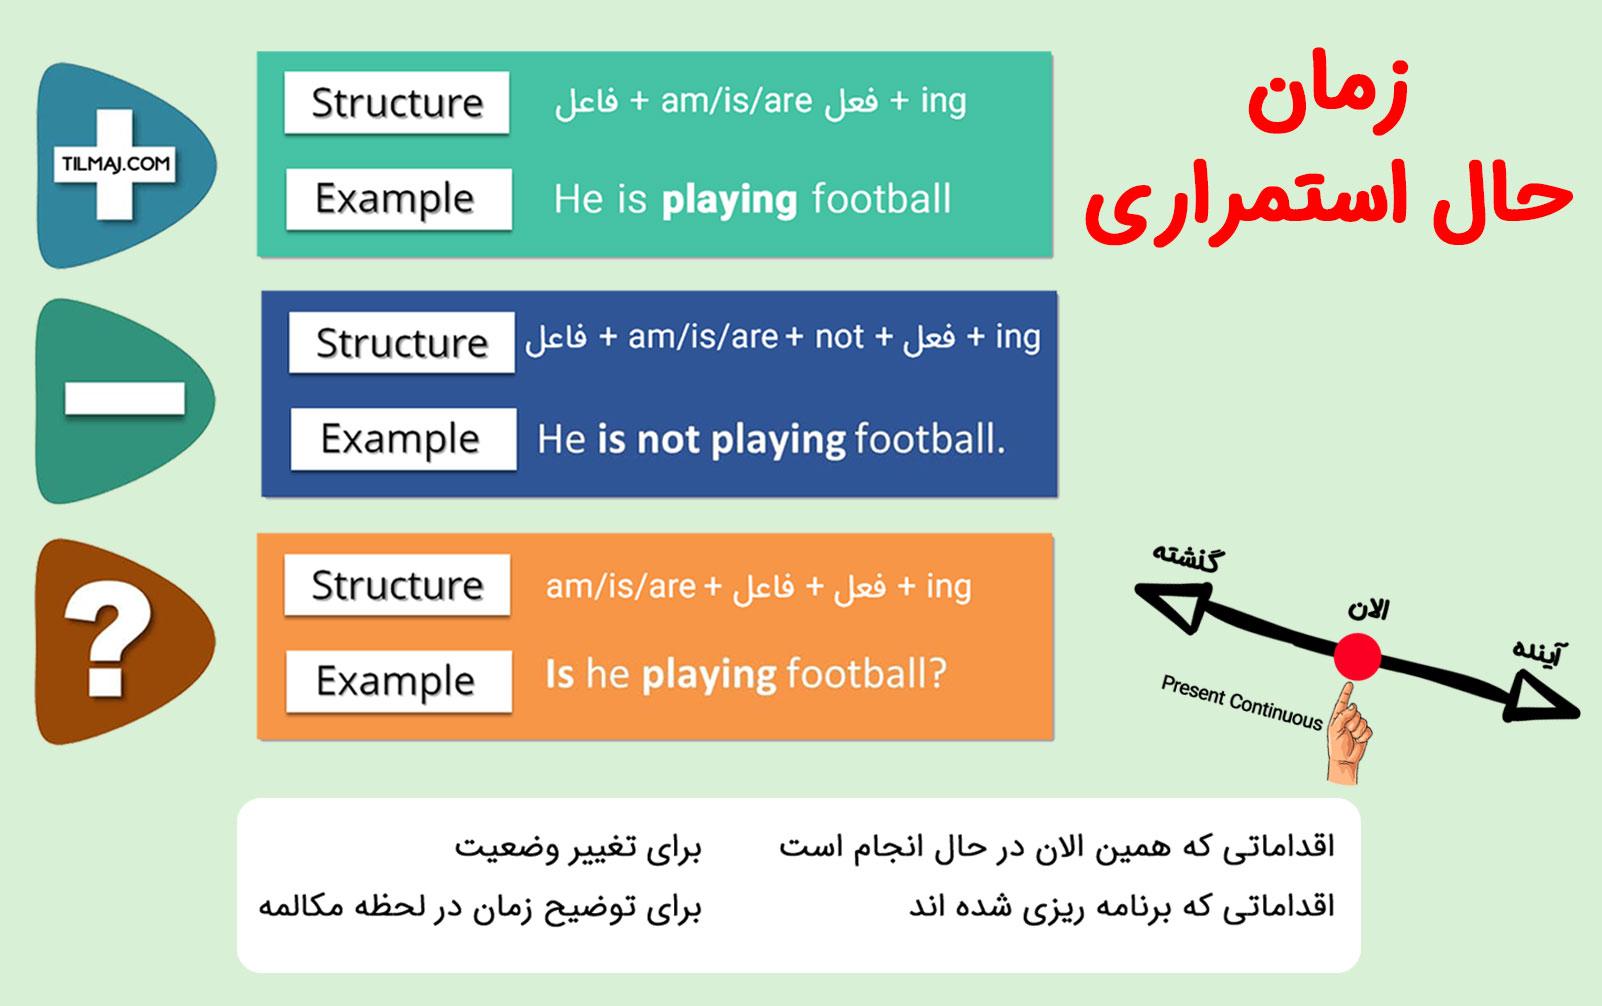 آموزش حال استمراری در انگلیسی